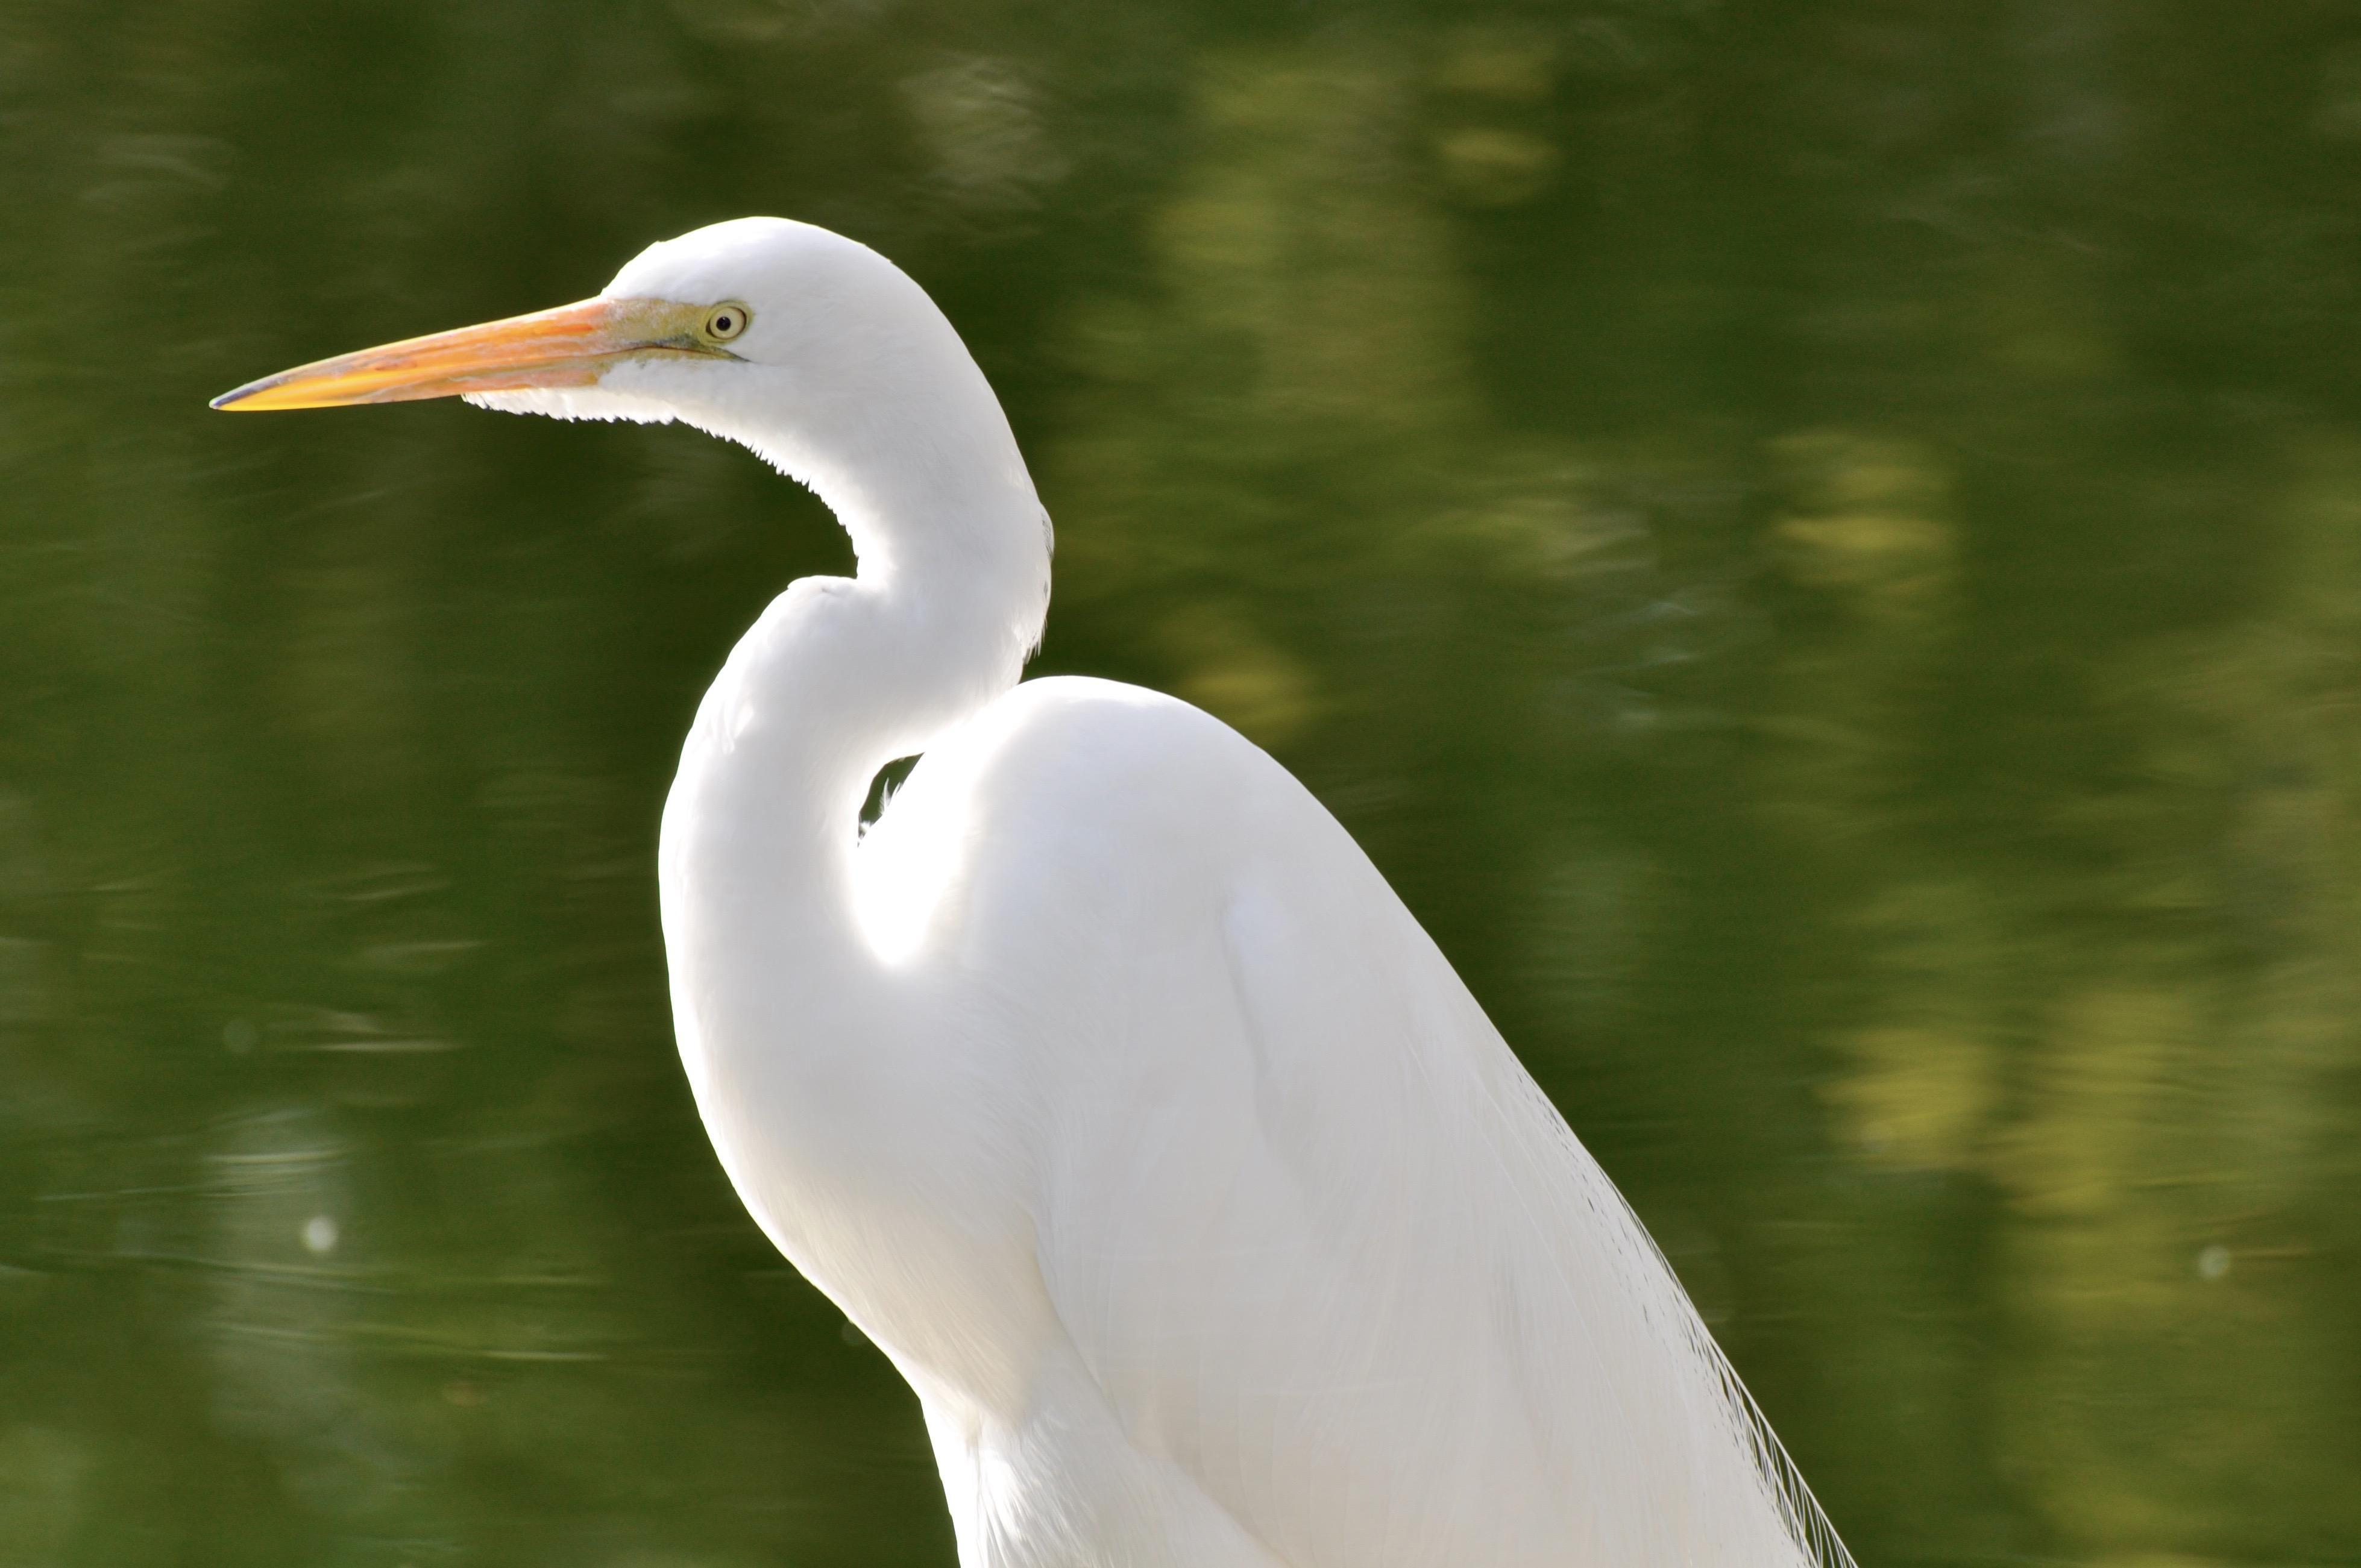 Safari Park Egrets